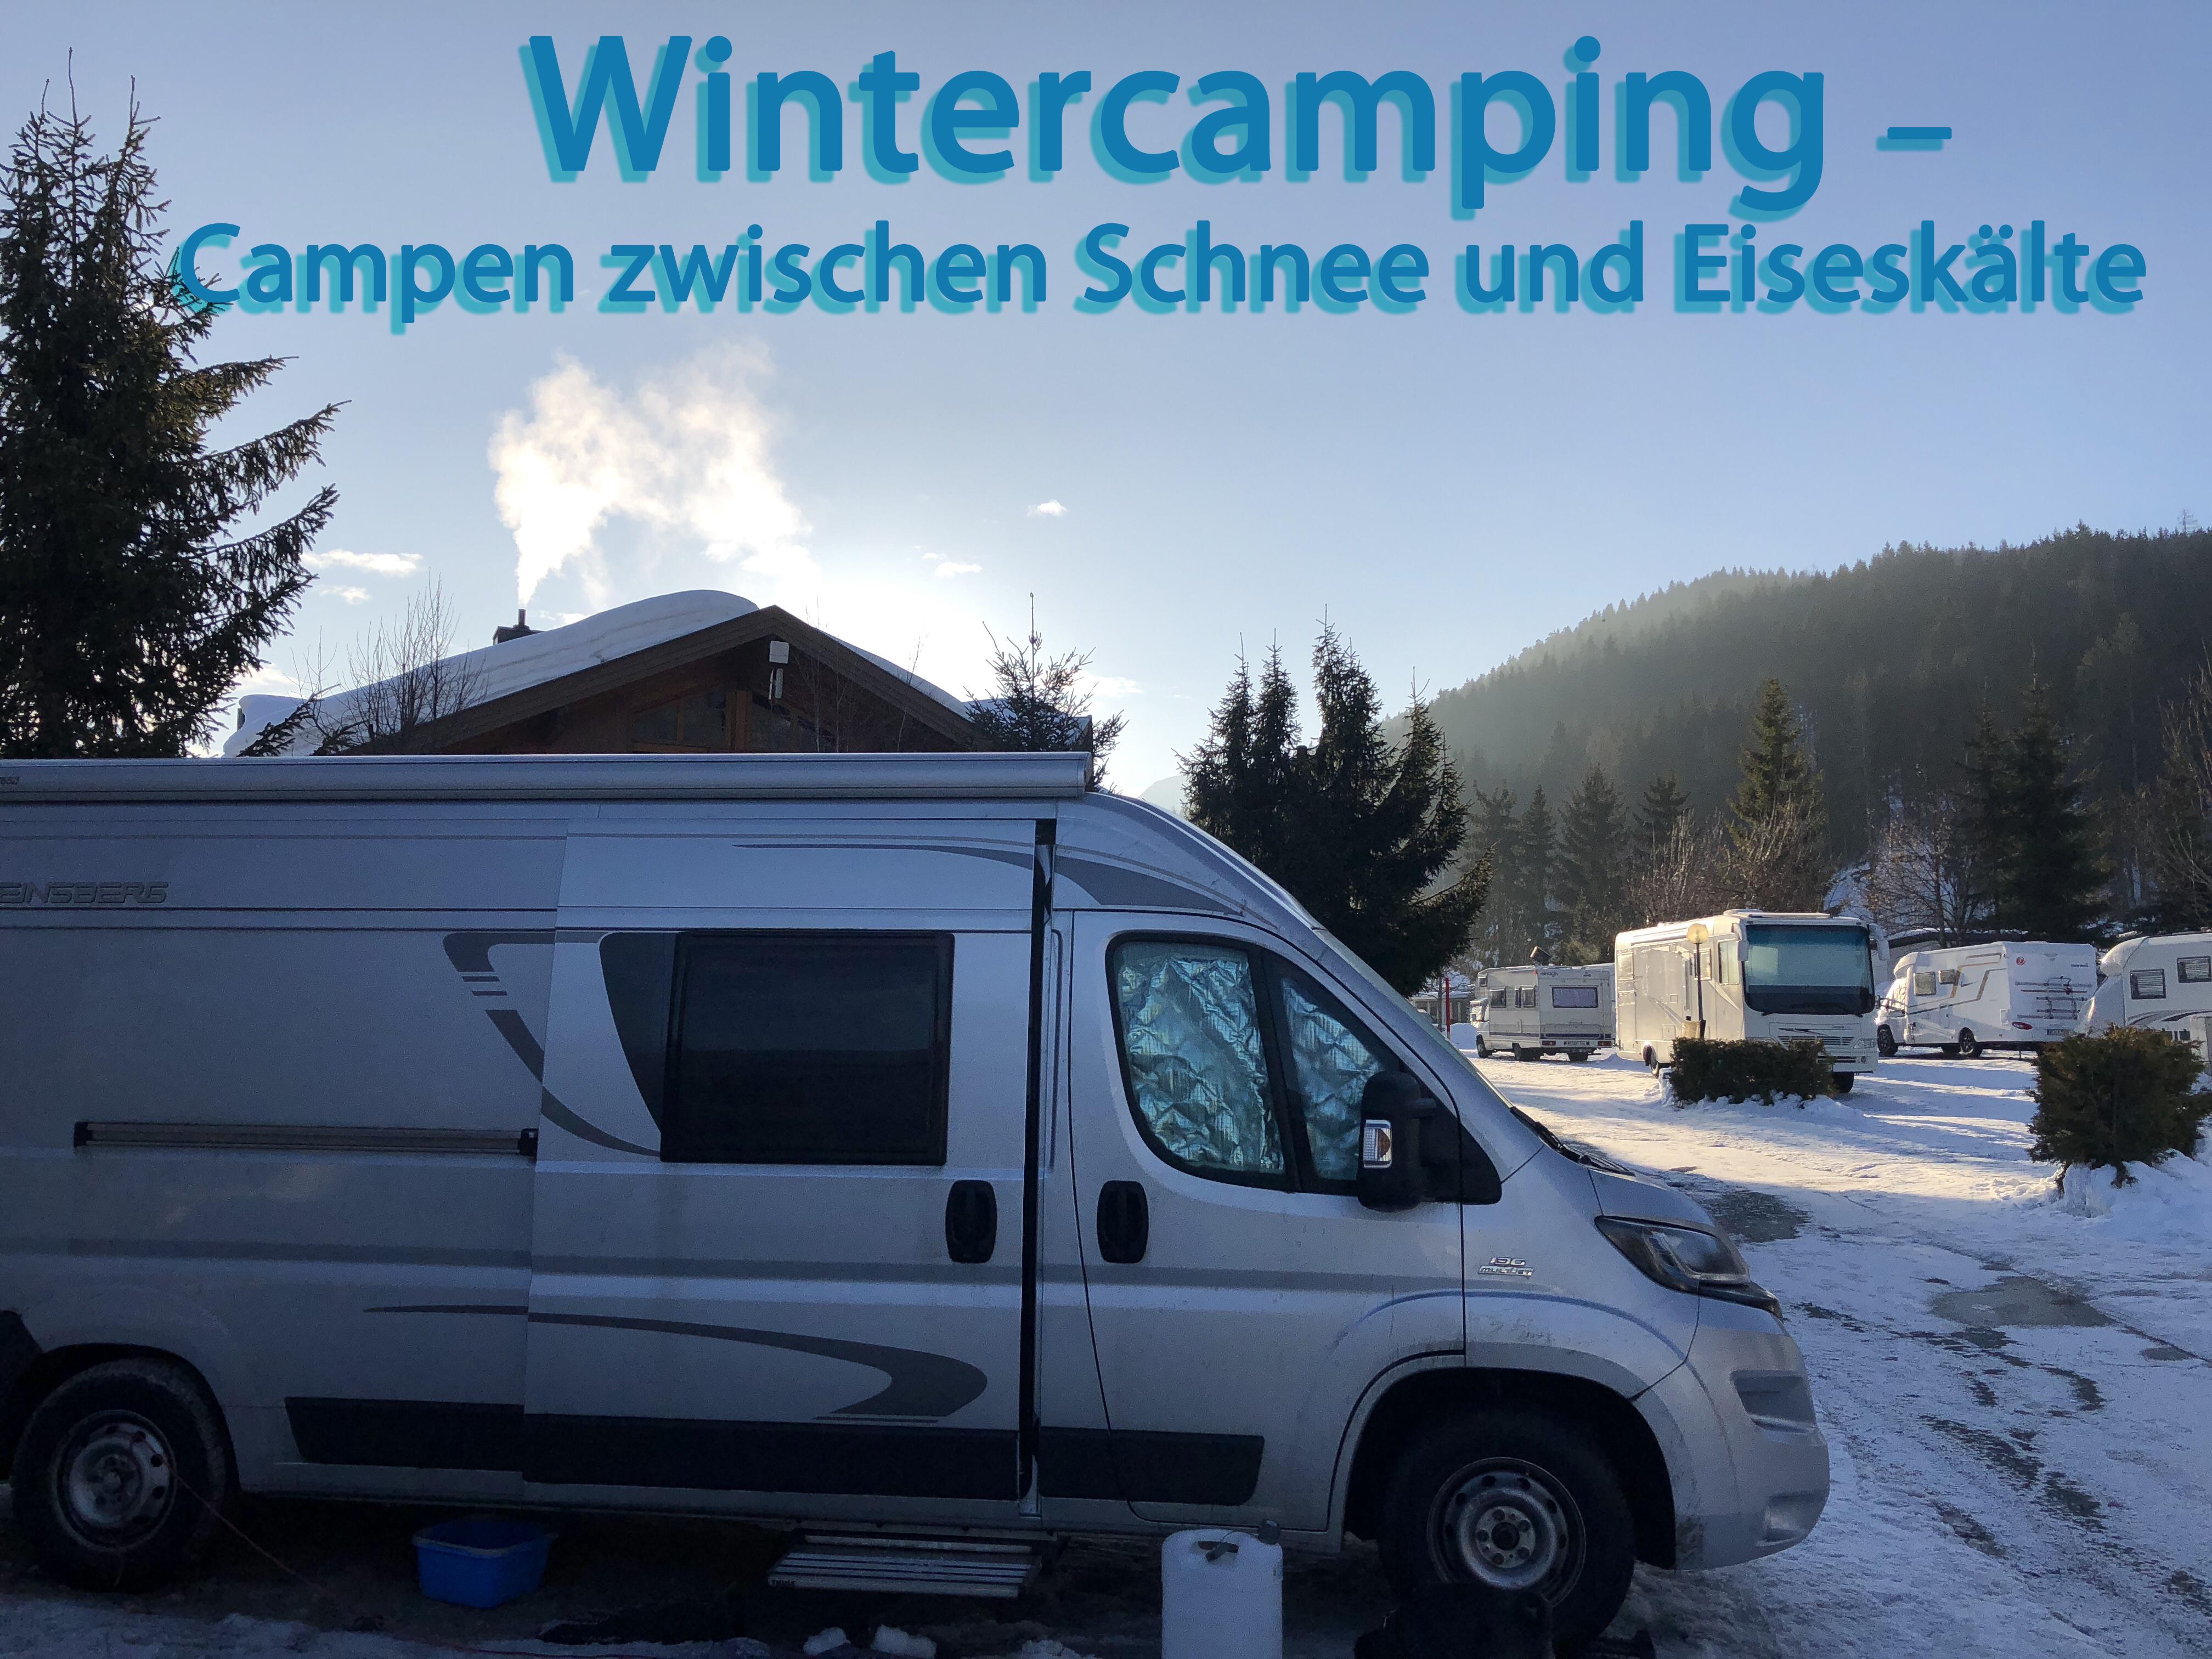 Wintercamping – Campen zwischen Schnee und Eiseskälte